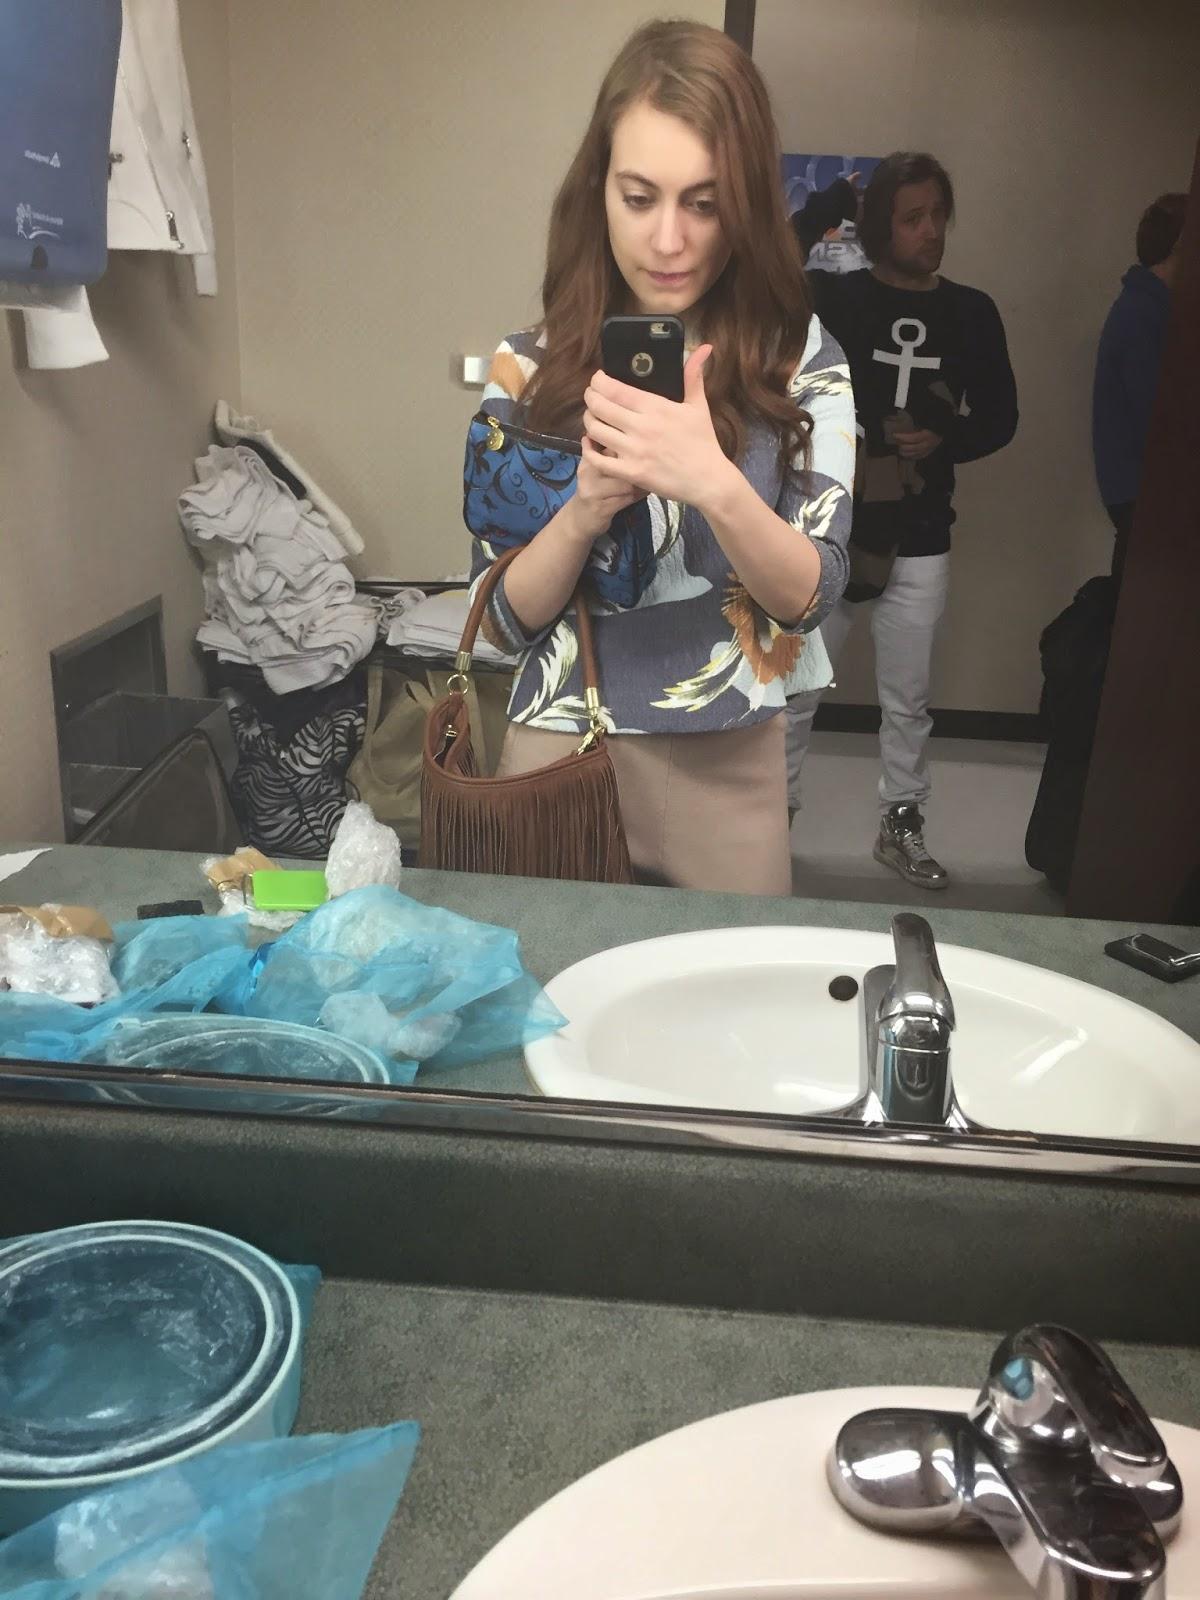 selfie-in-mirror-room